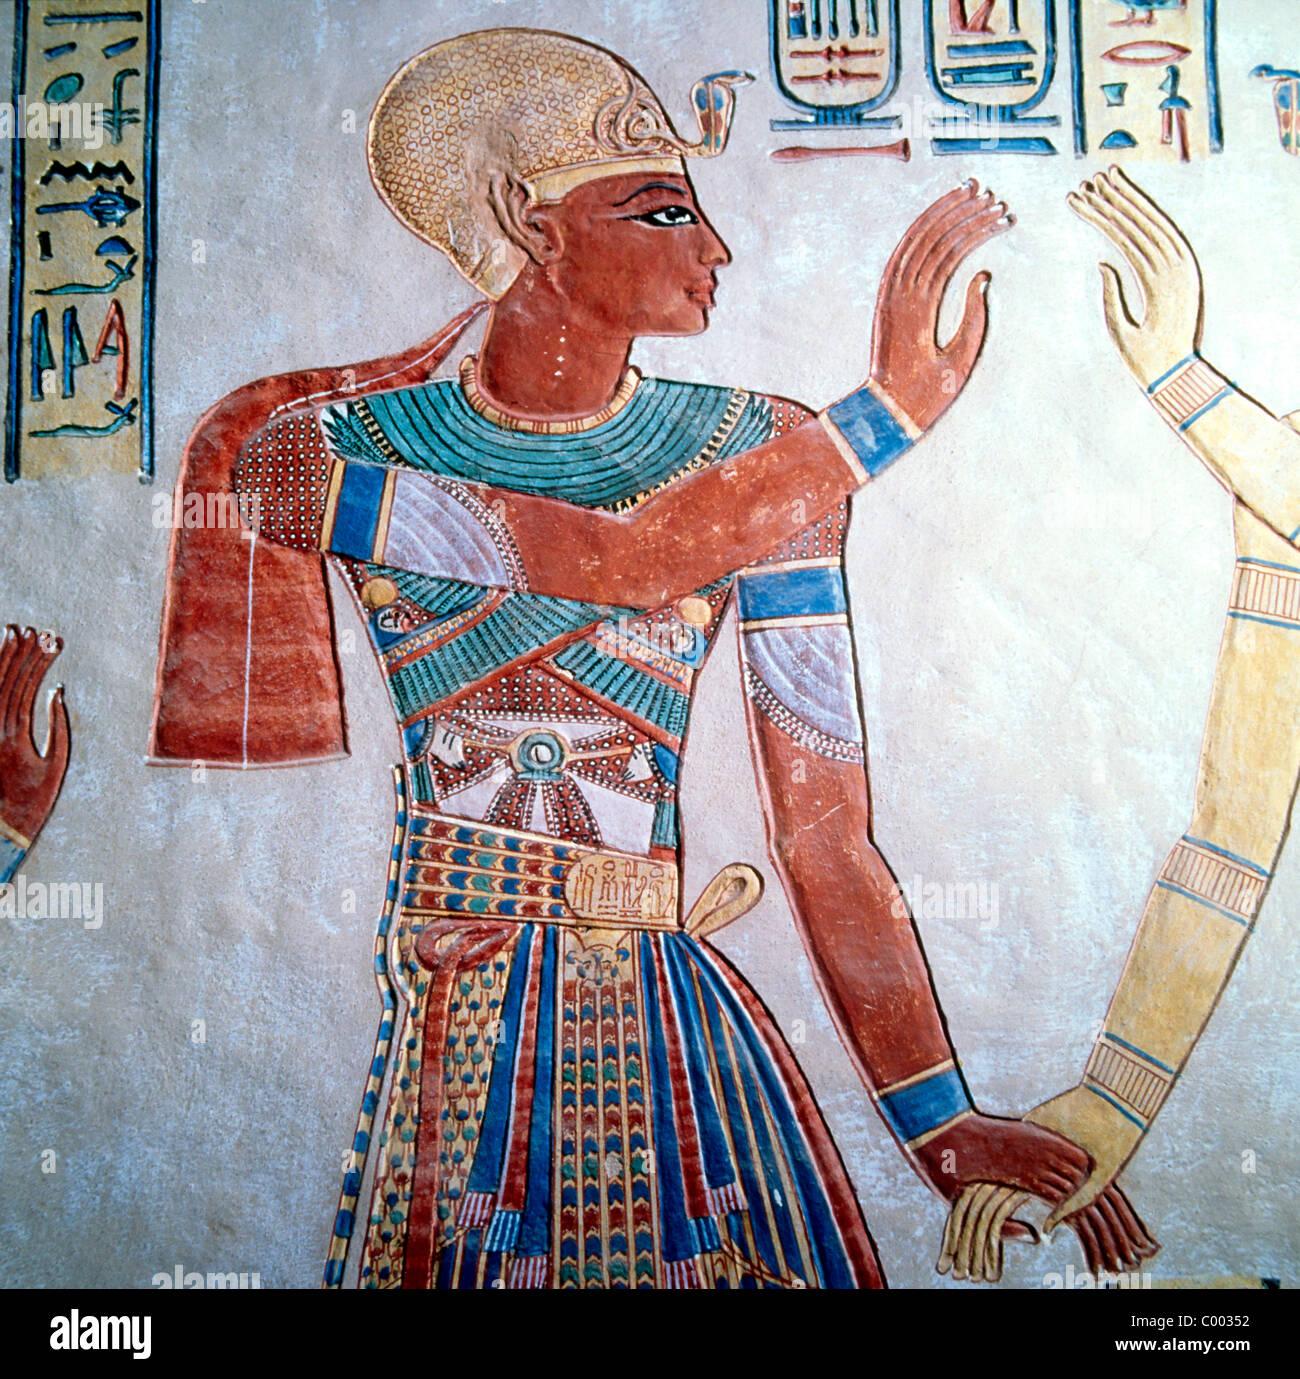 Peinture Murale De L égypte Ancienne Dans Le Tombeau De L